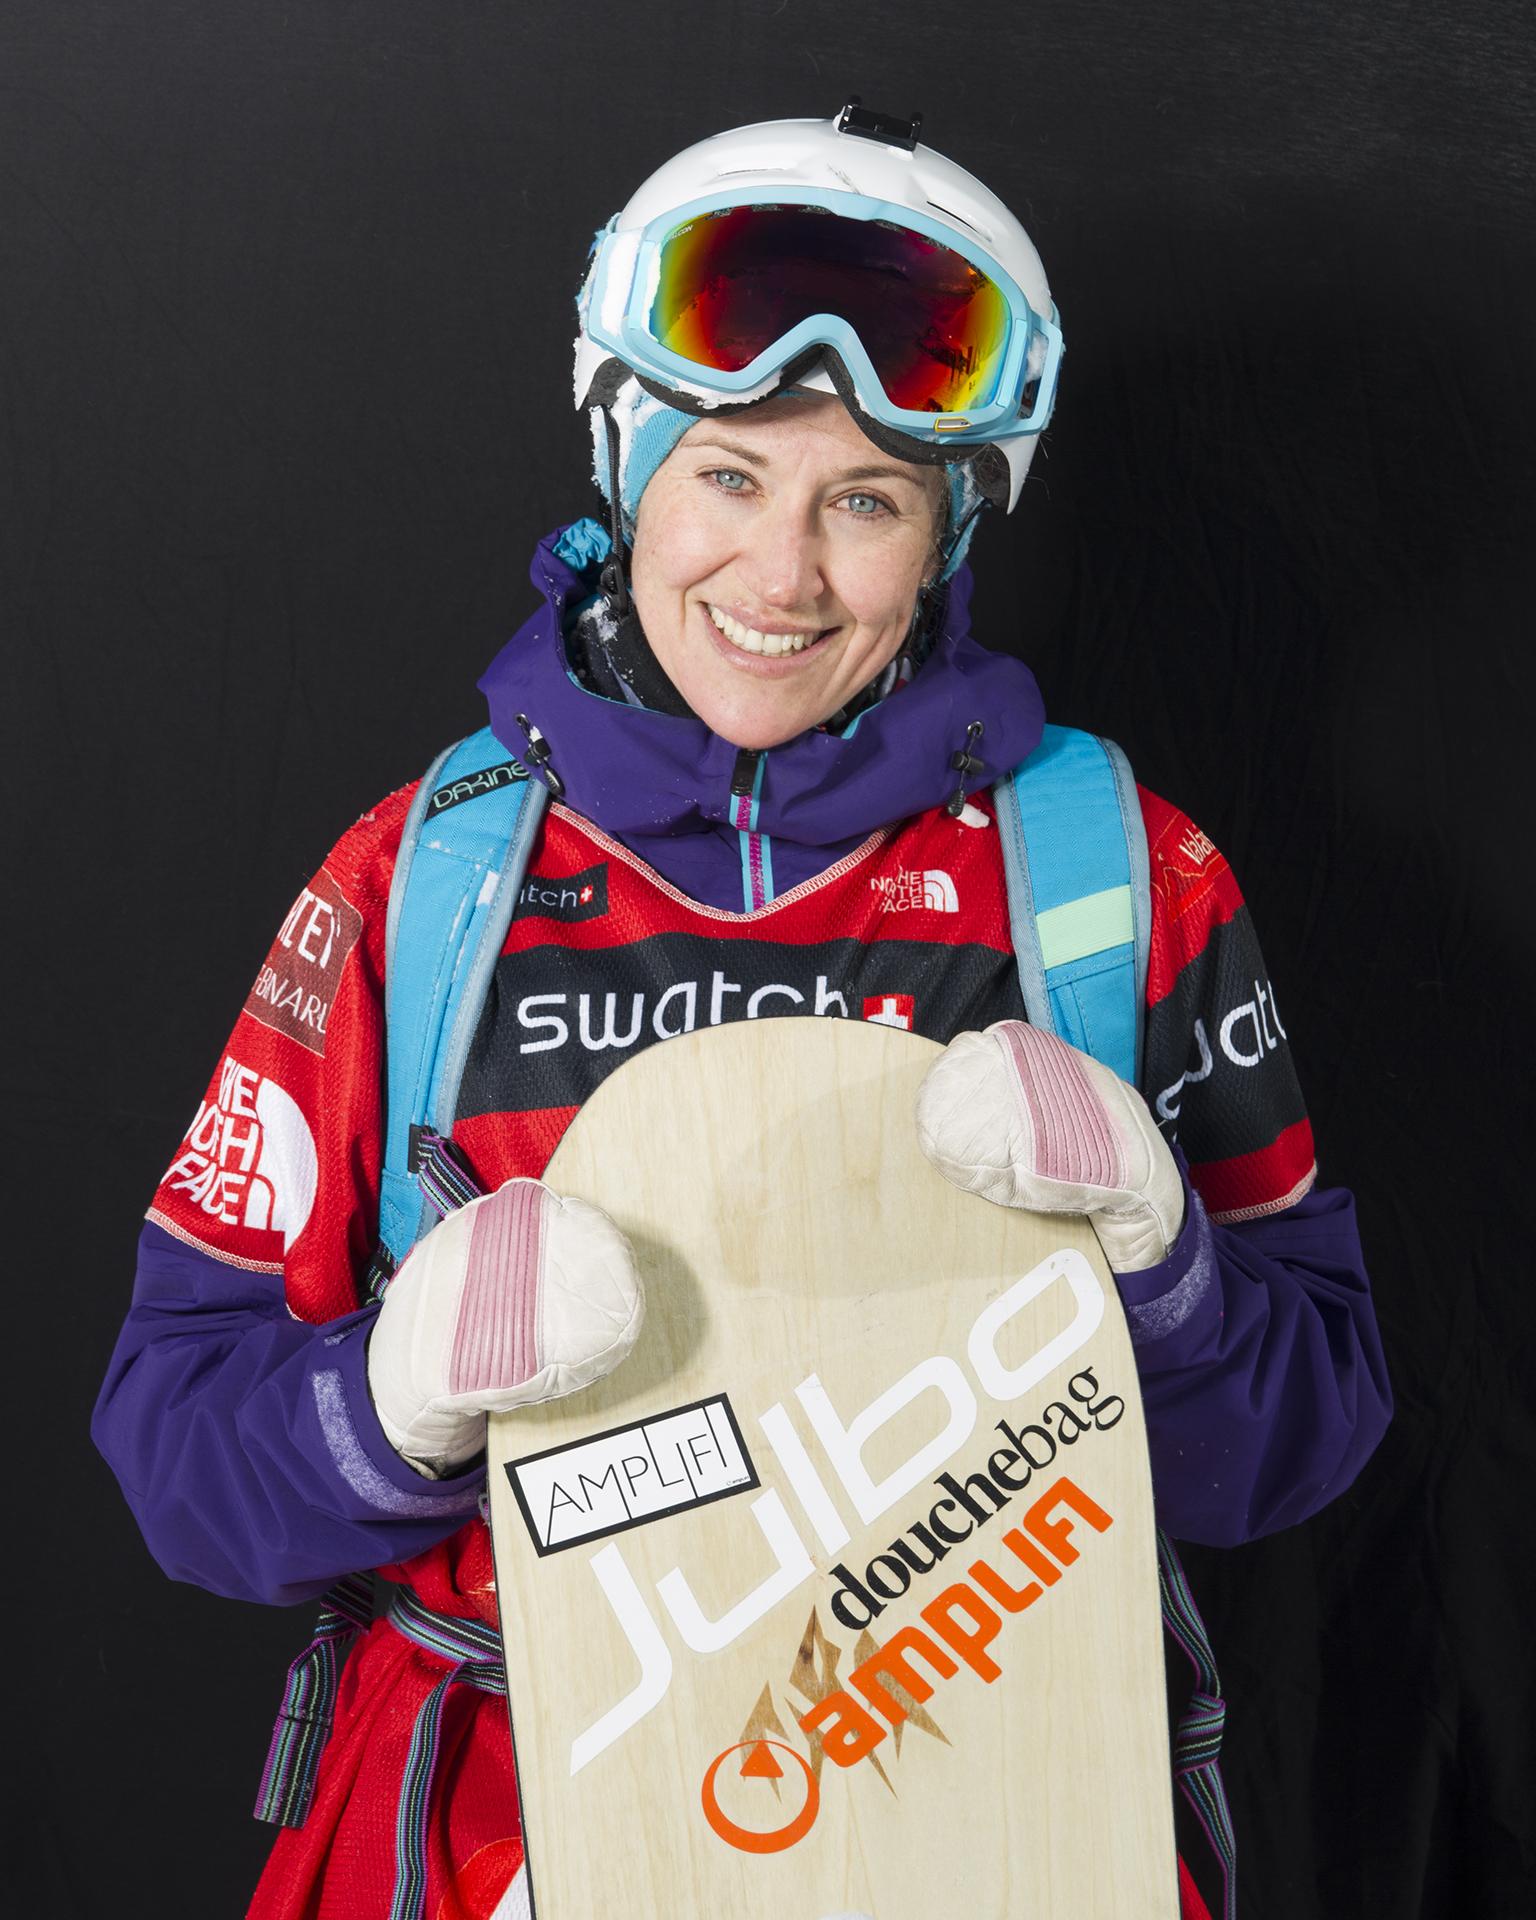 Amber Schuecker